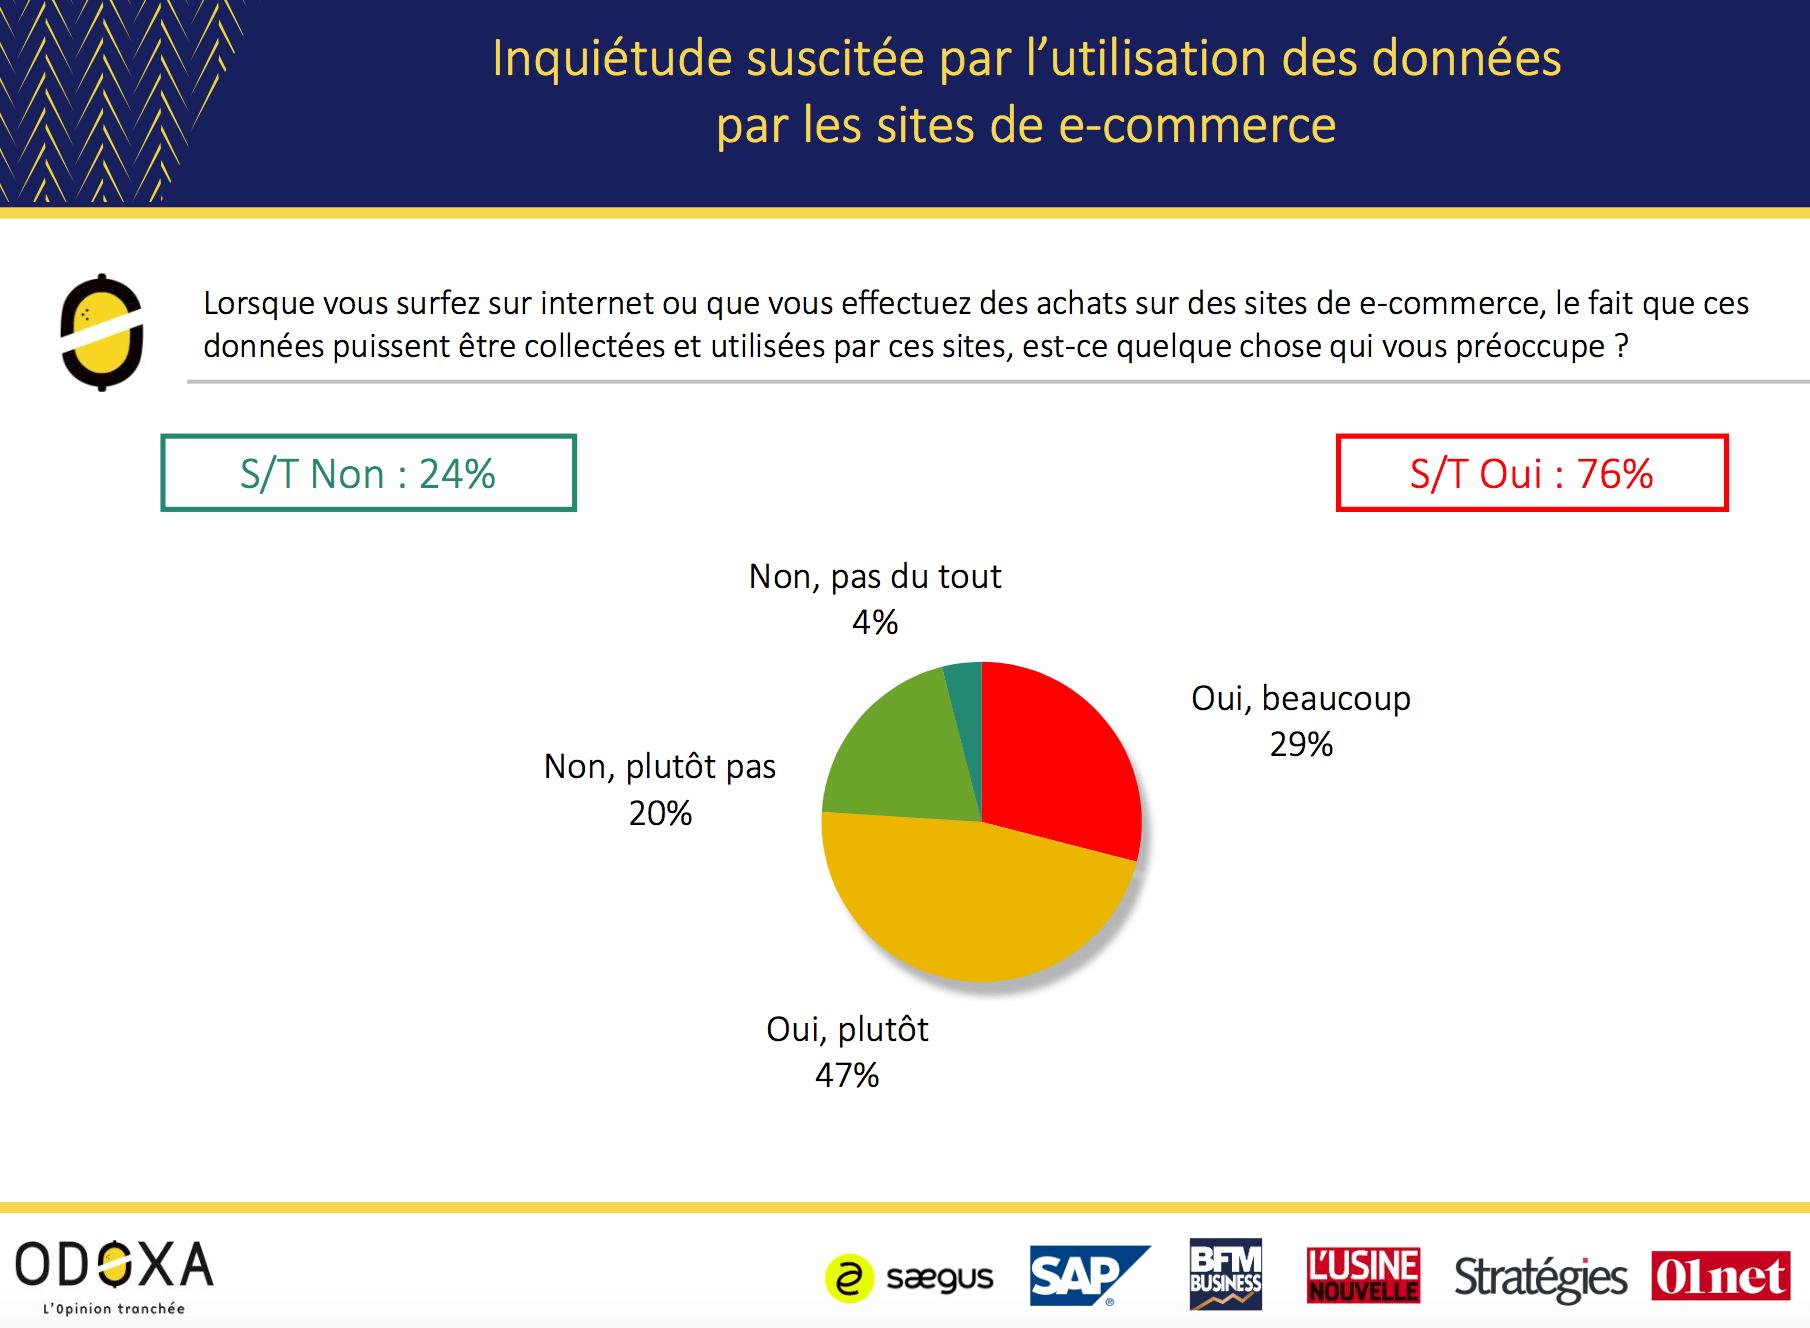 Visuel sur l'inquiétude suscitée par l'utilisation des données par les sites e-commerce